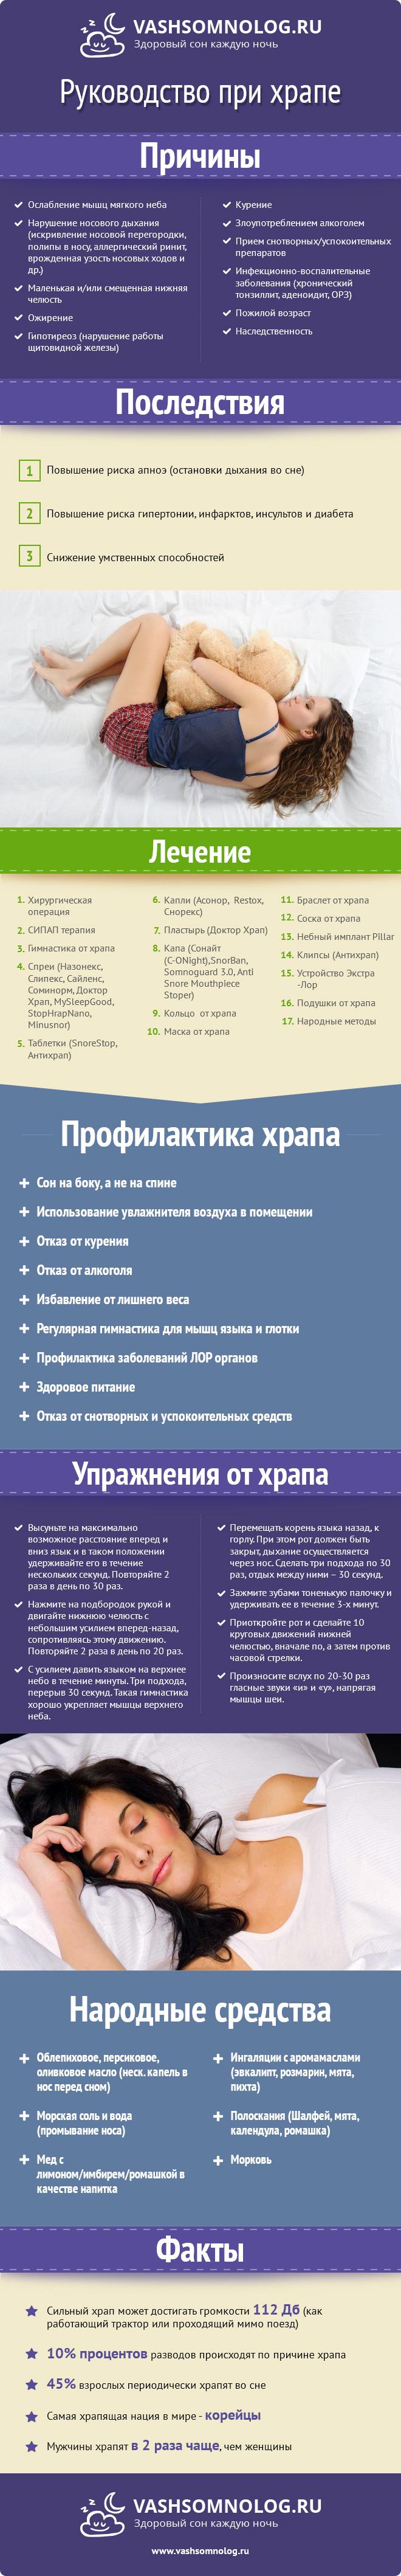 Инфографика - Храп симптомы виды причины профилактика лечение последствия